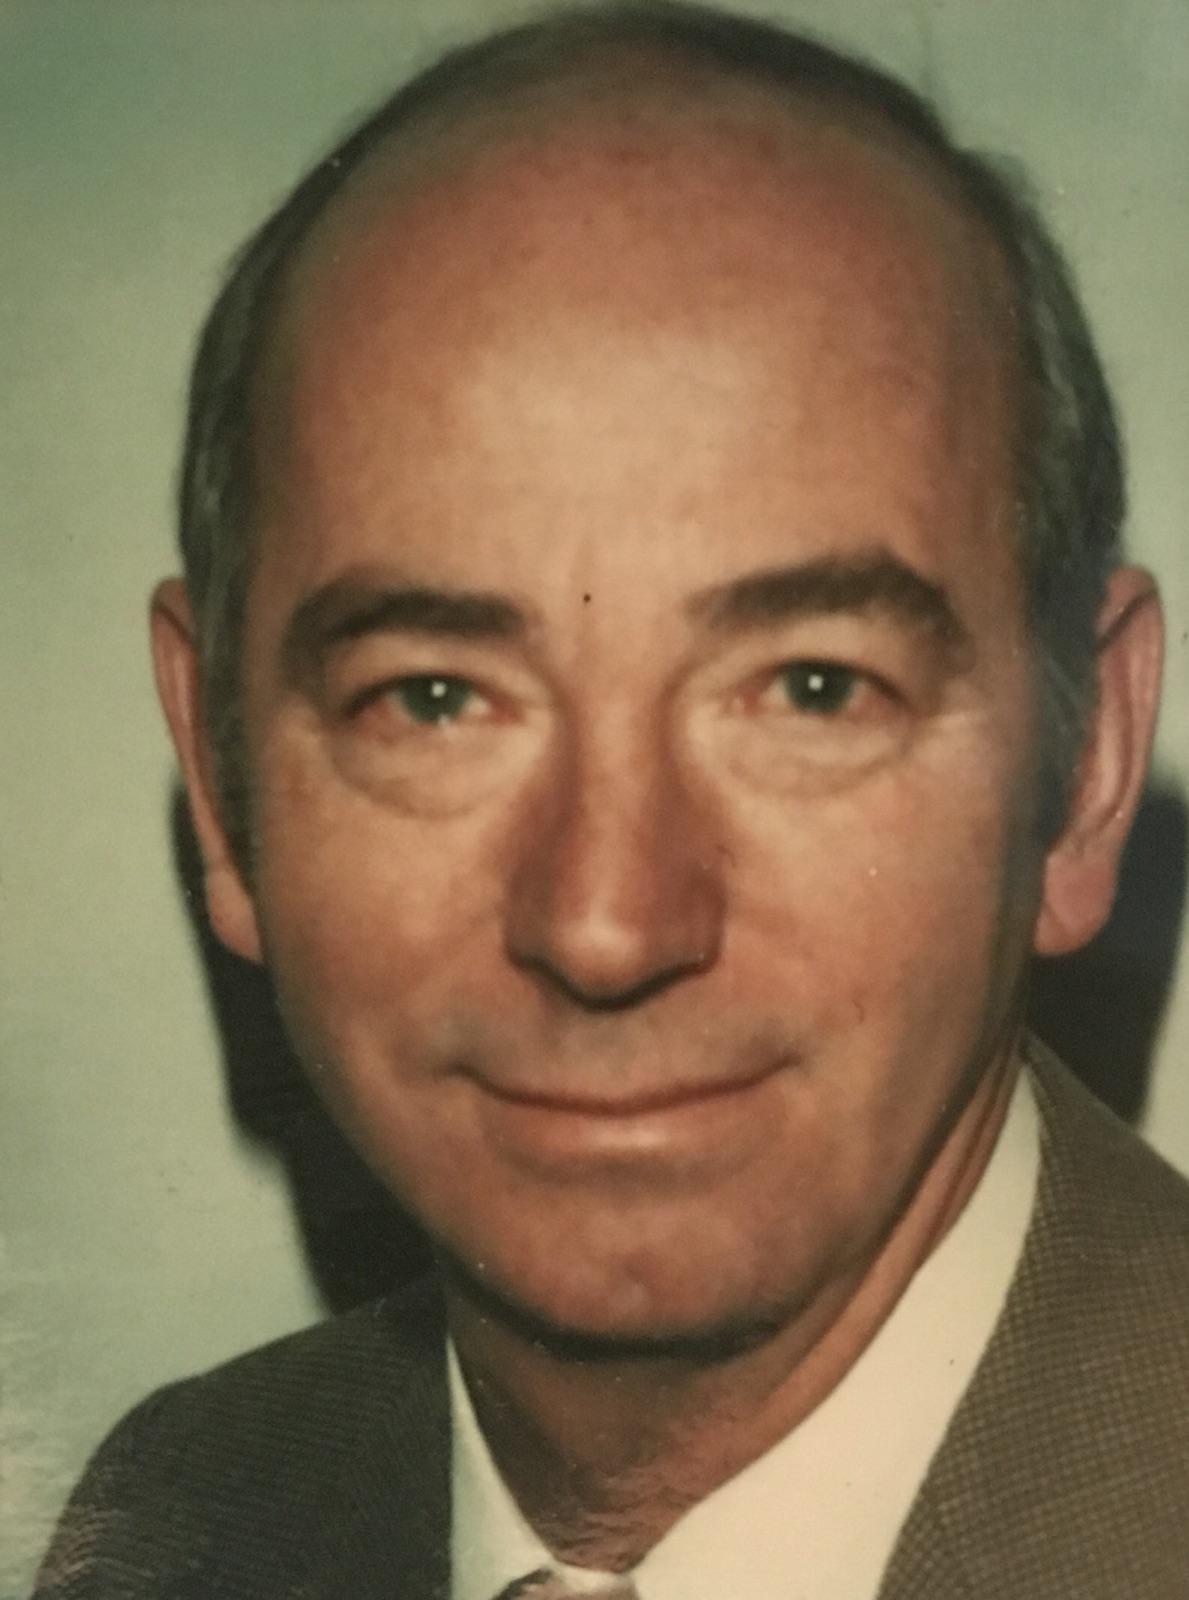 Gerhardt Kluger